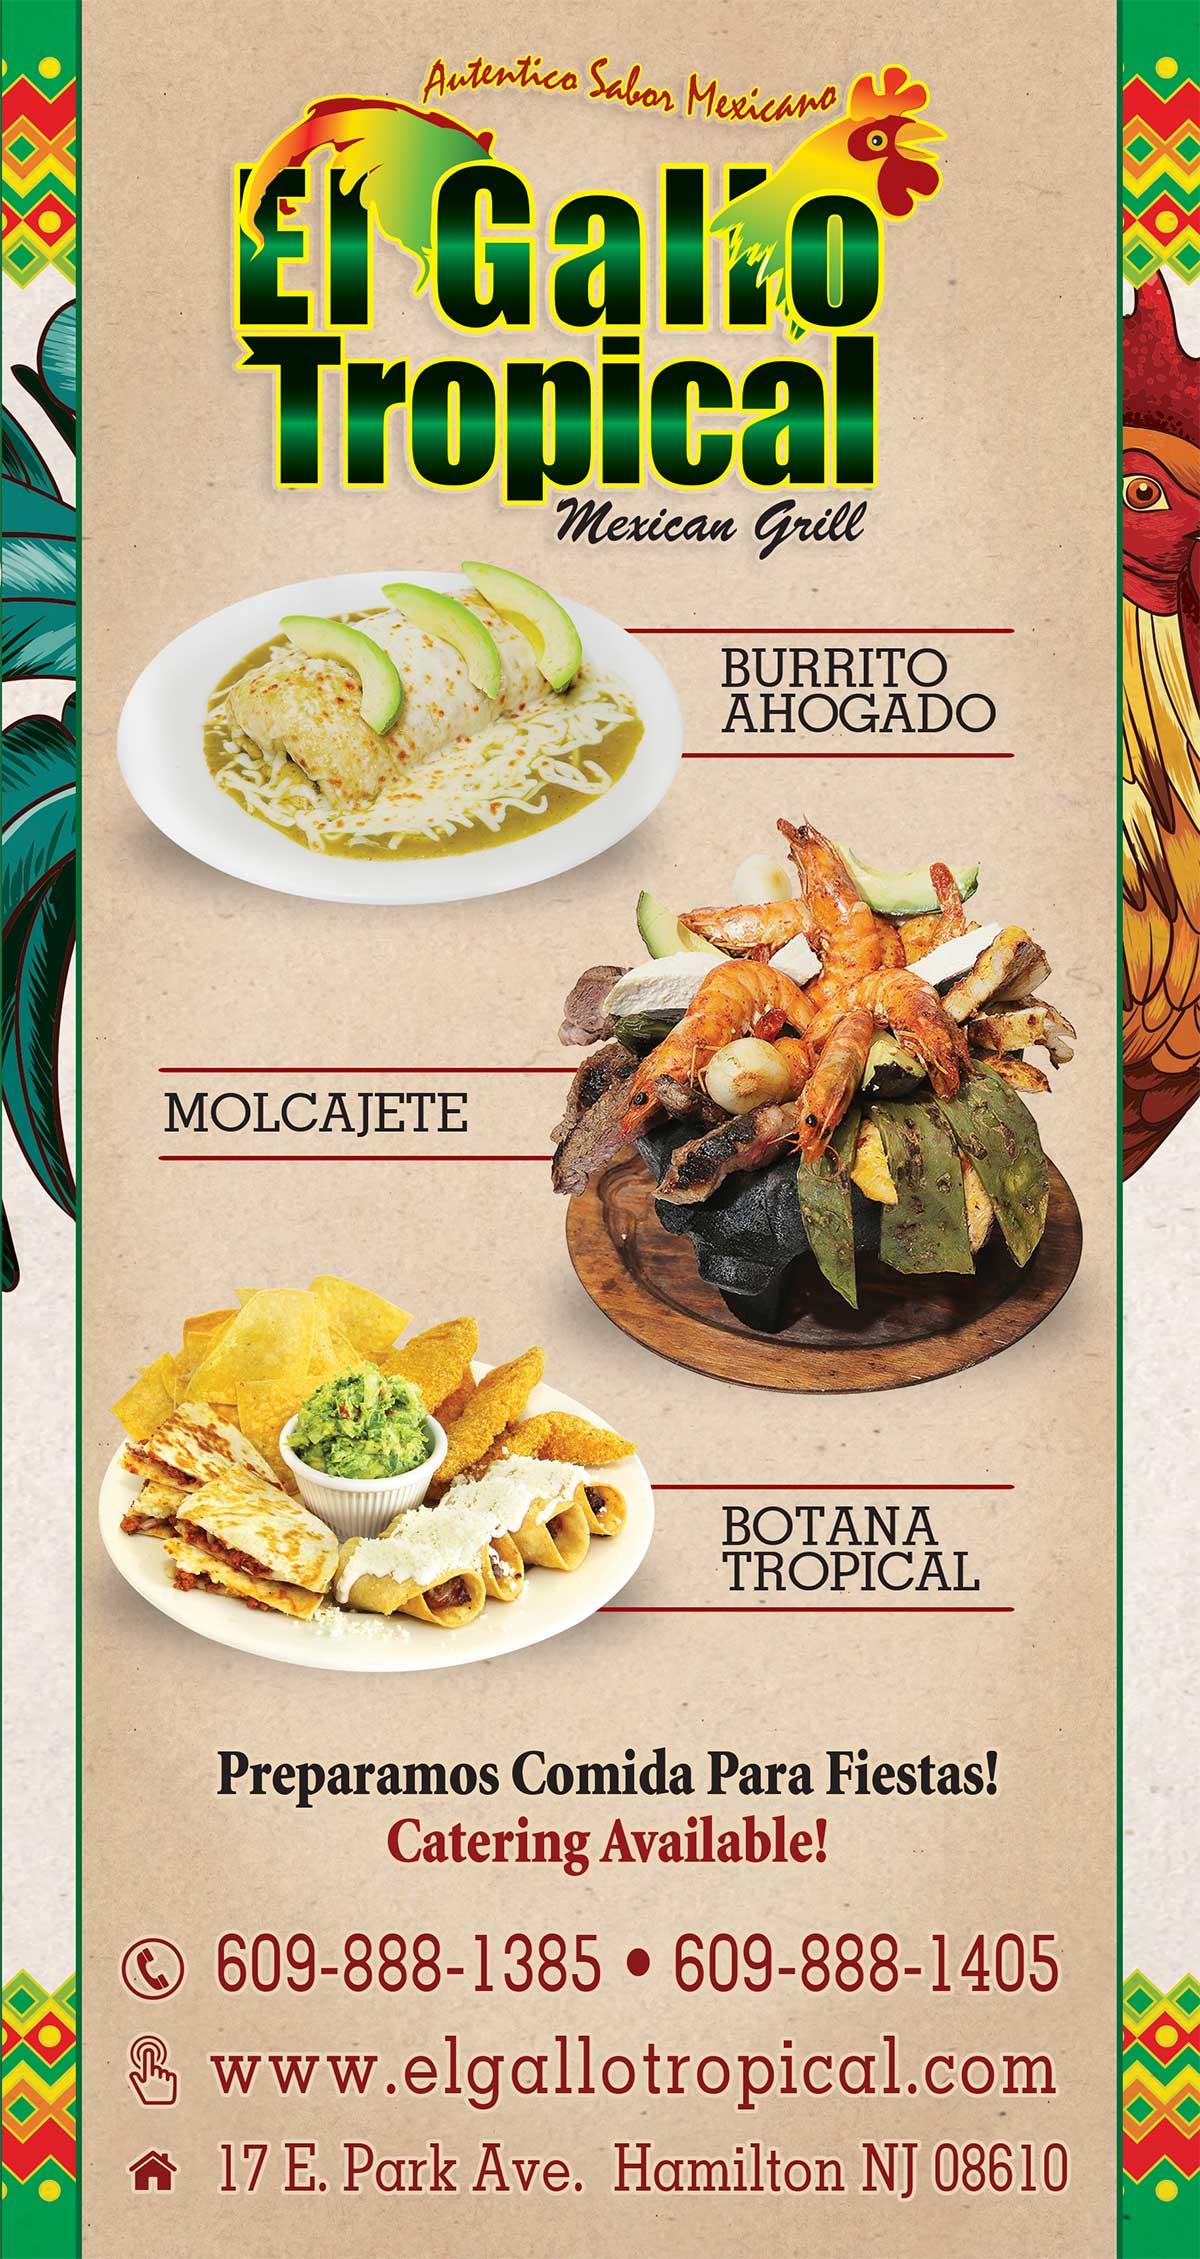 El-Gallo-Tropical-Menu-Page-1